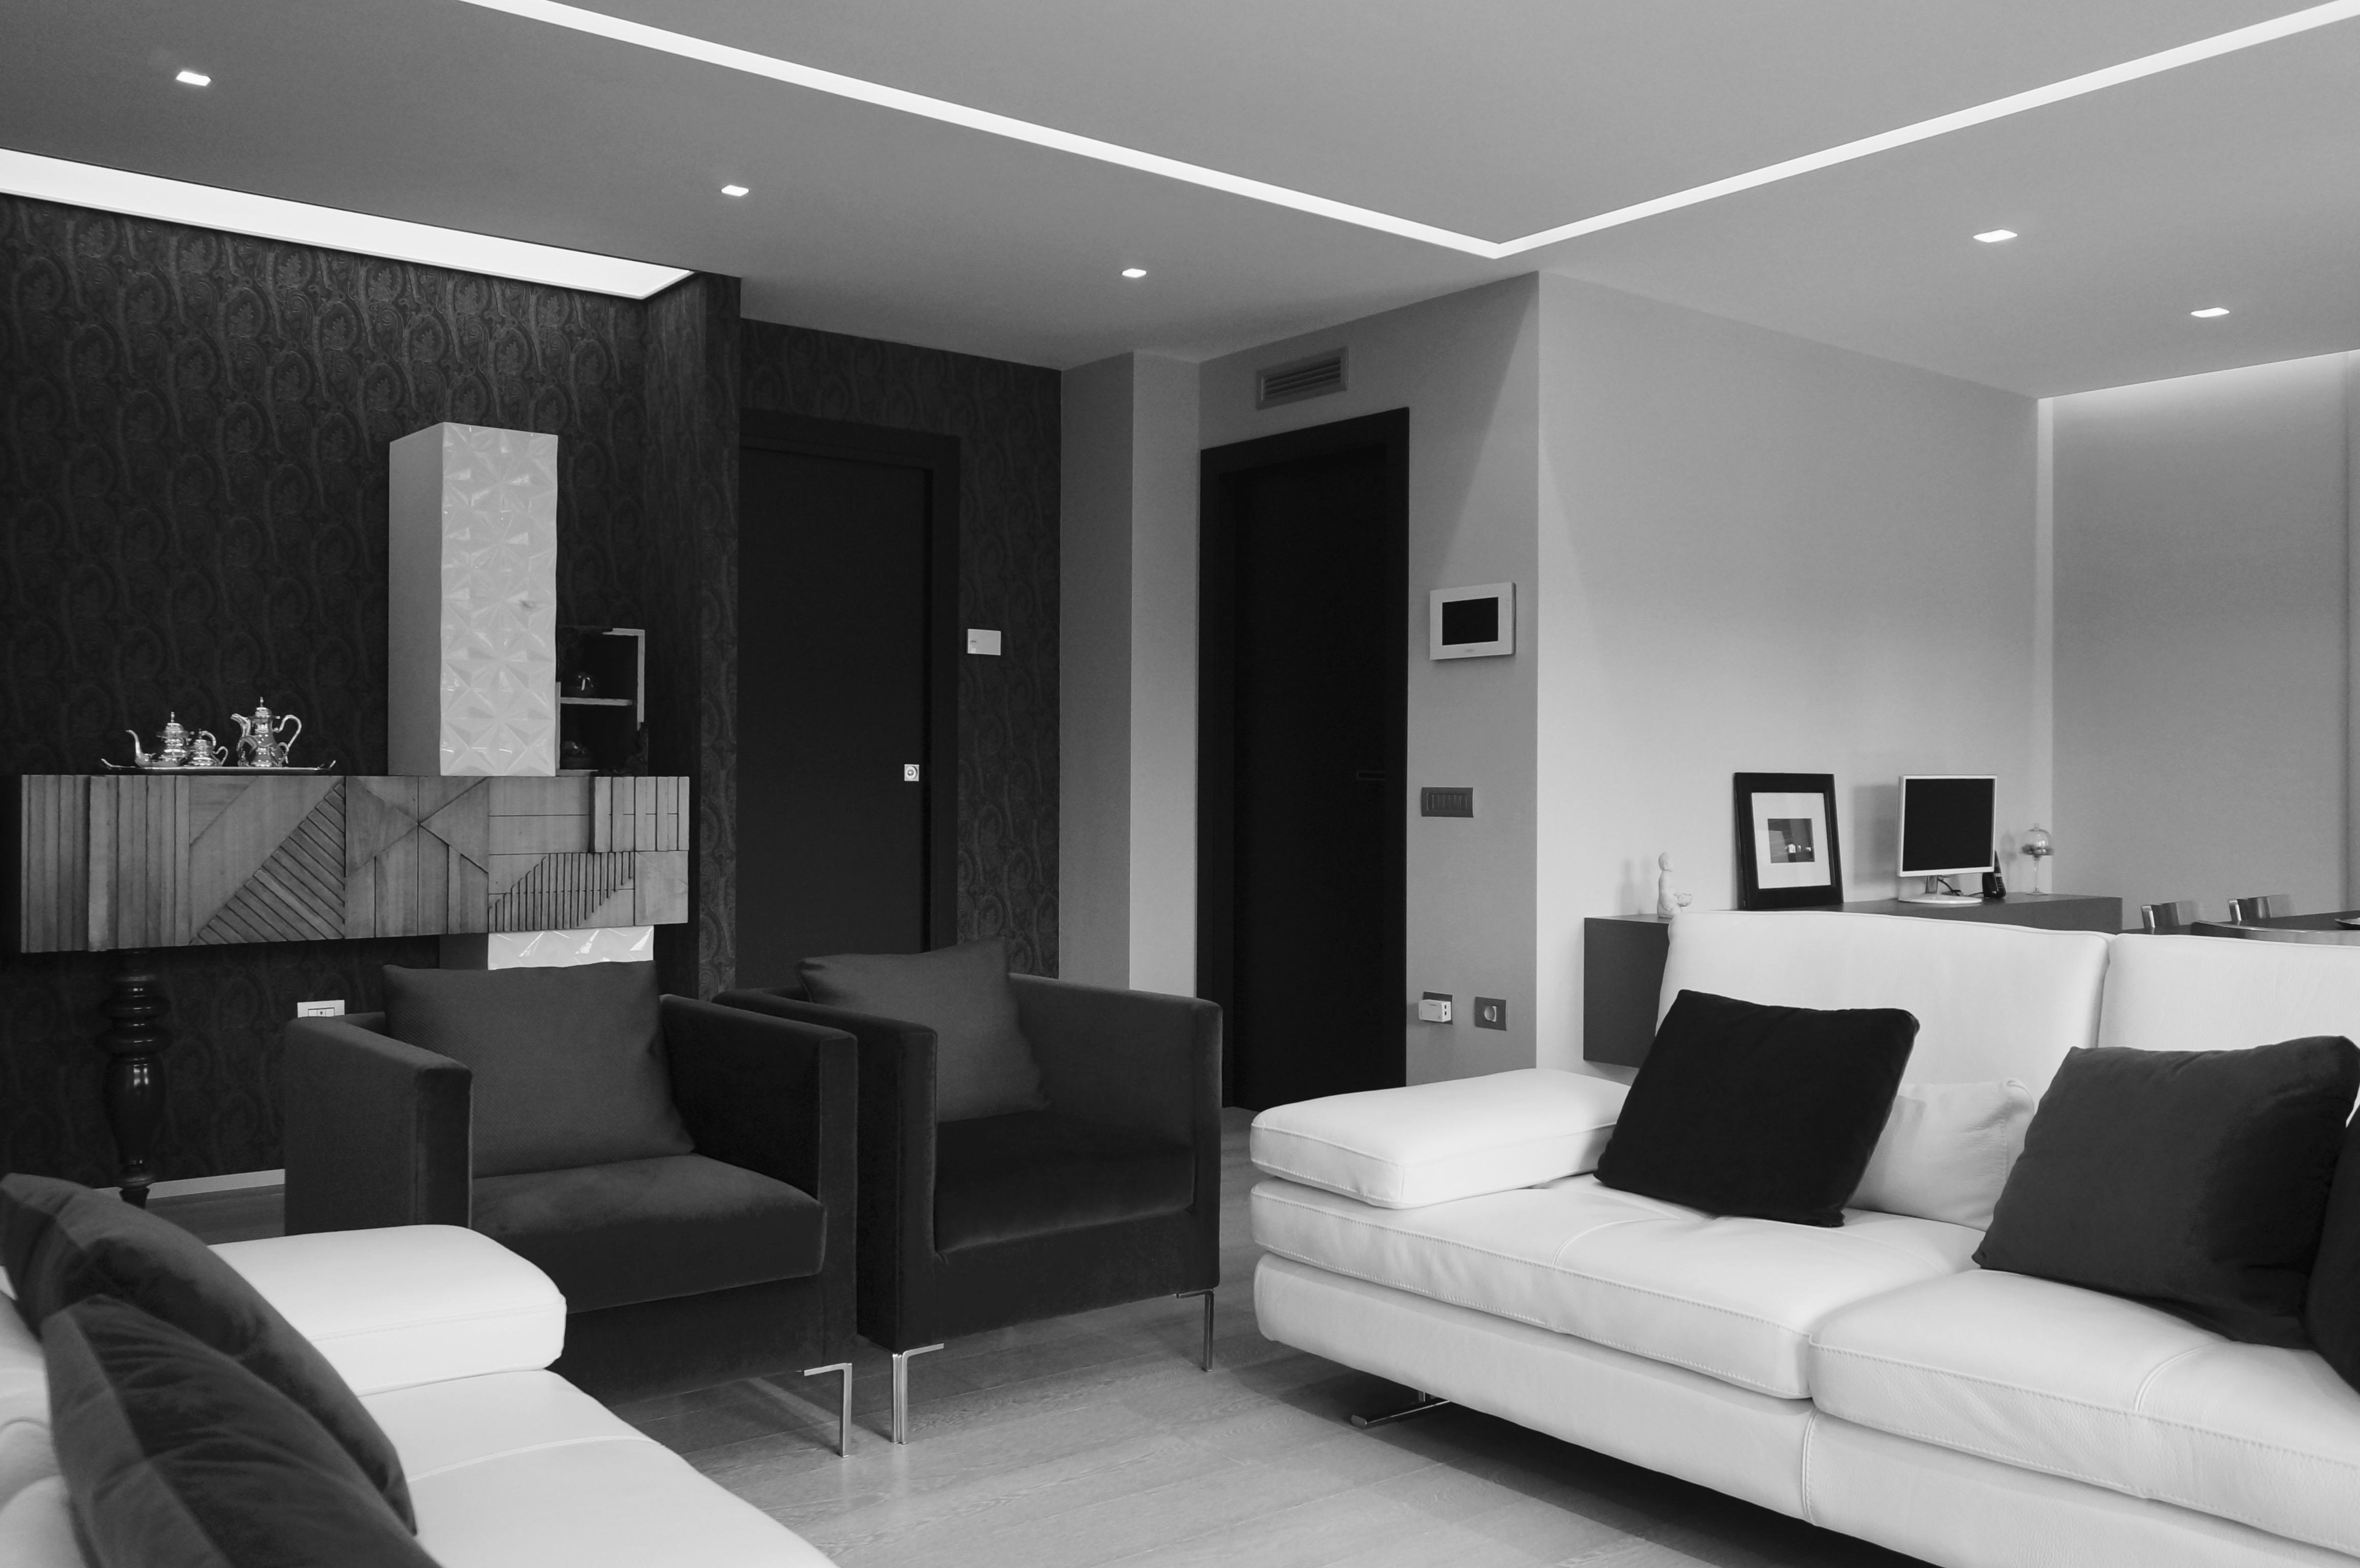 AE&M apartment